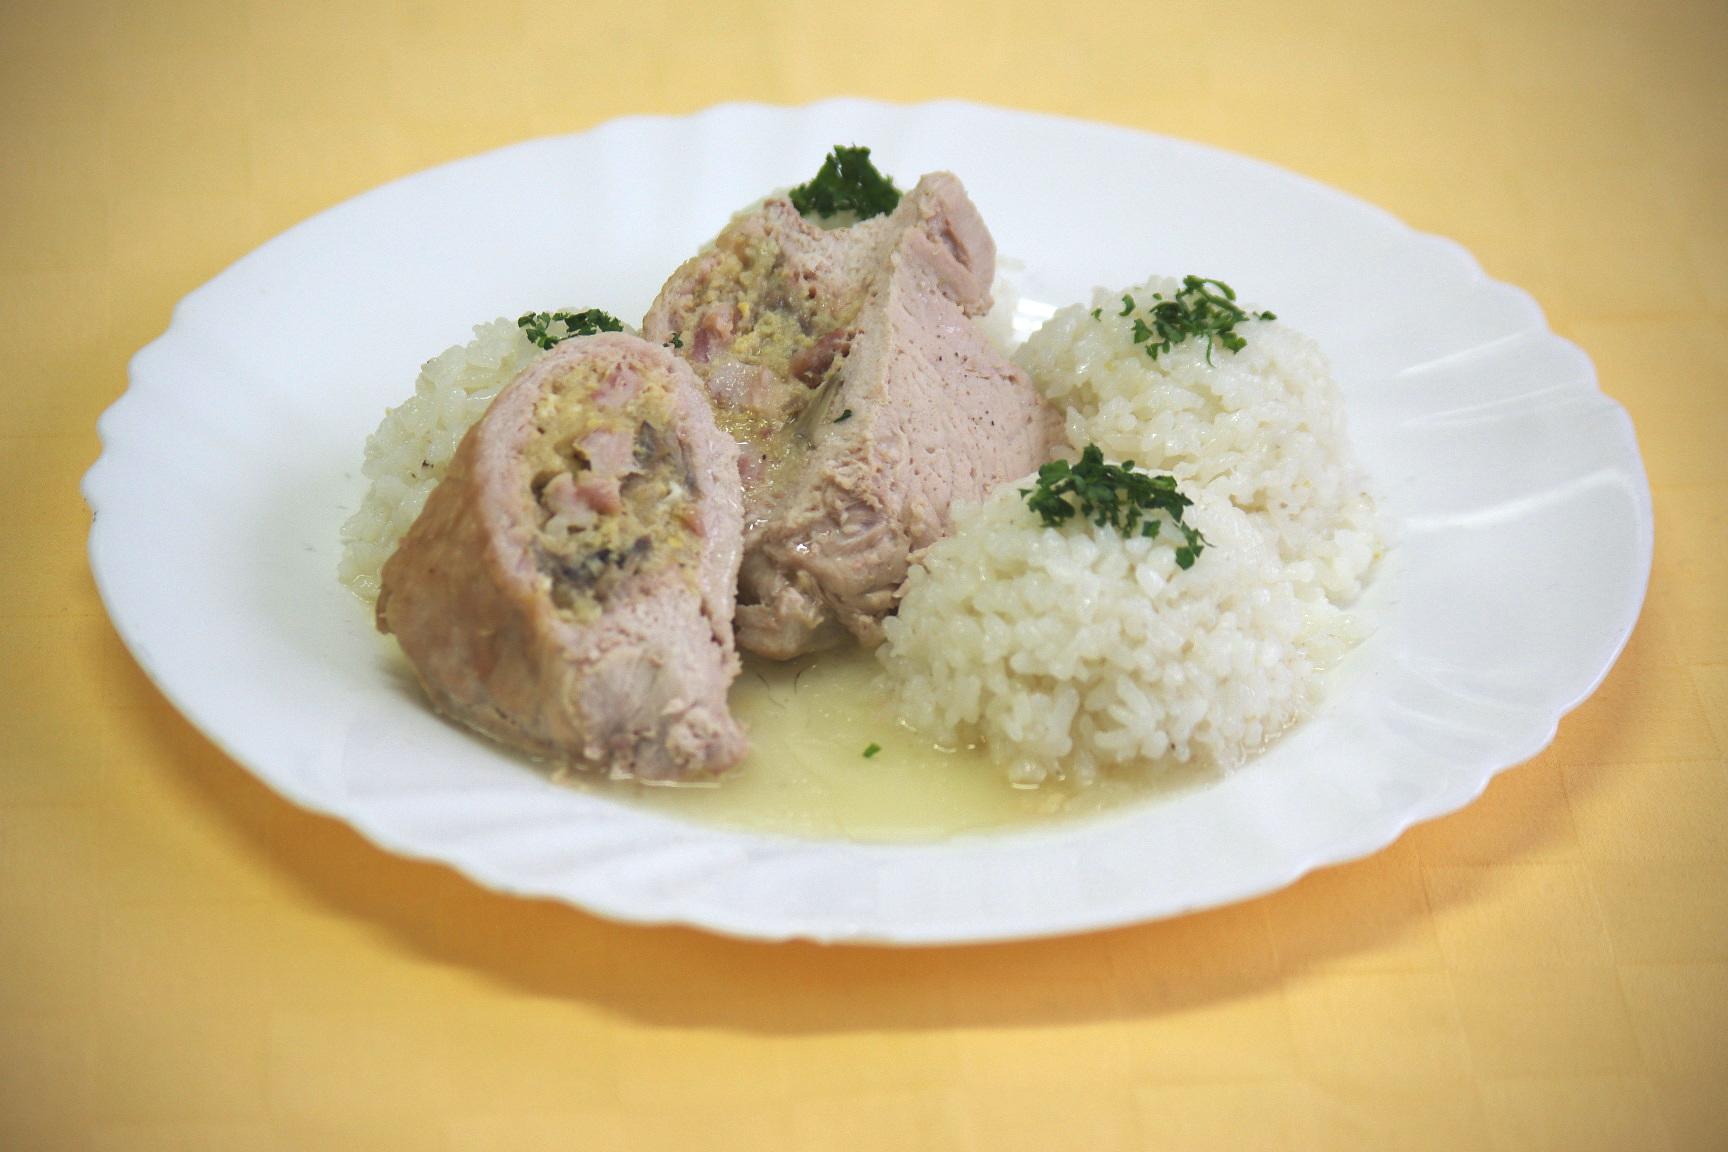 Bravčová pastierska kapsa, ryža